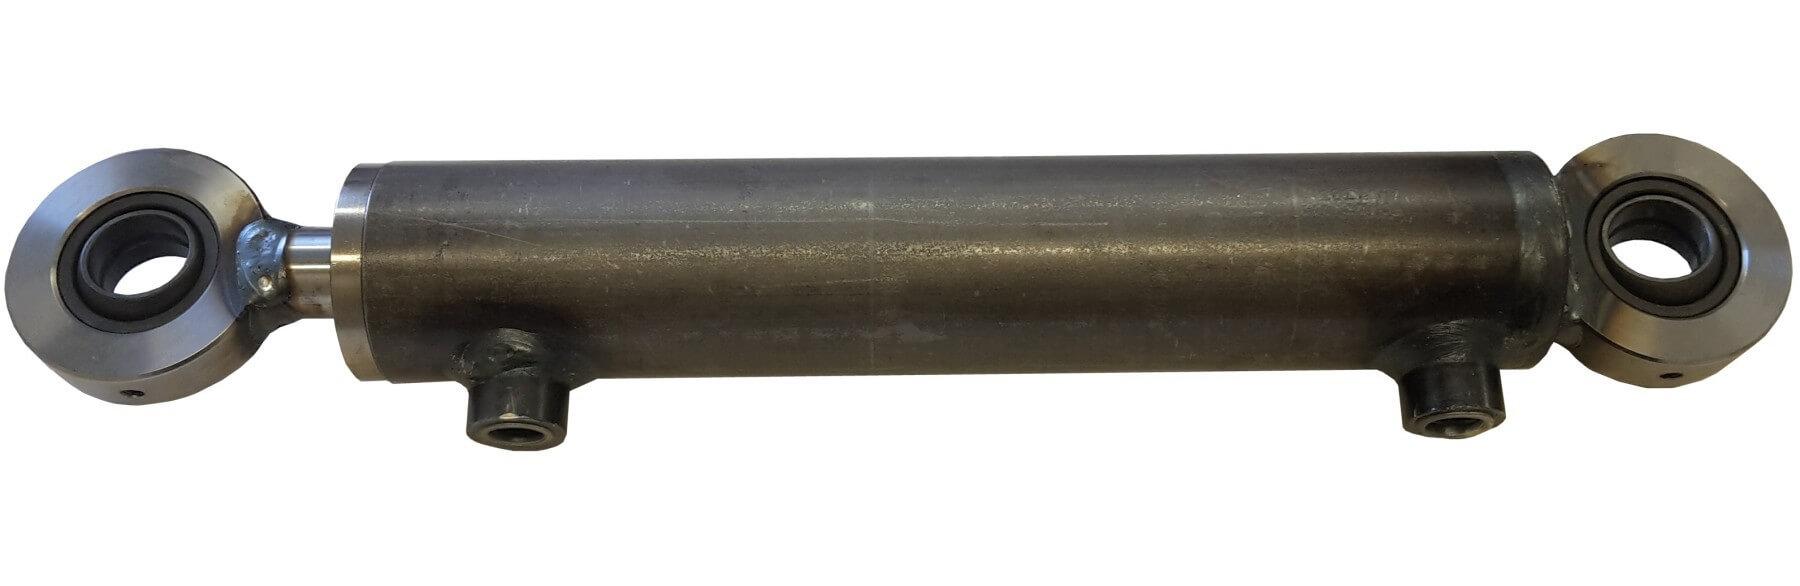 Hydraulisylinteri CL 60. 30. 800 GE - Kailatec Oy Verkkokauppa